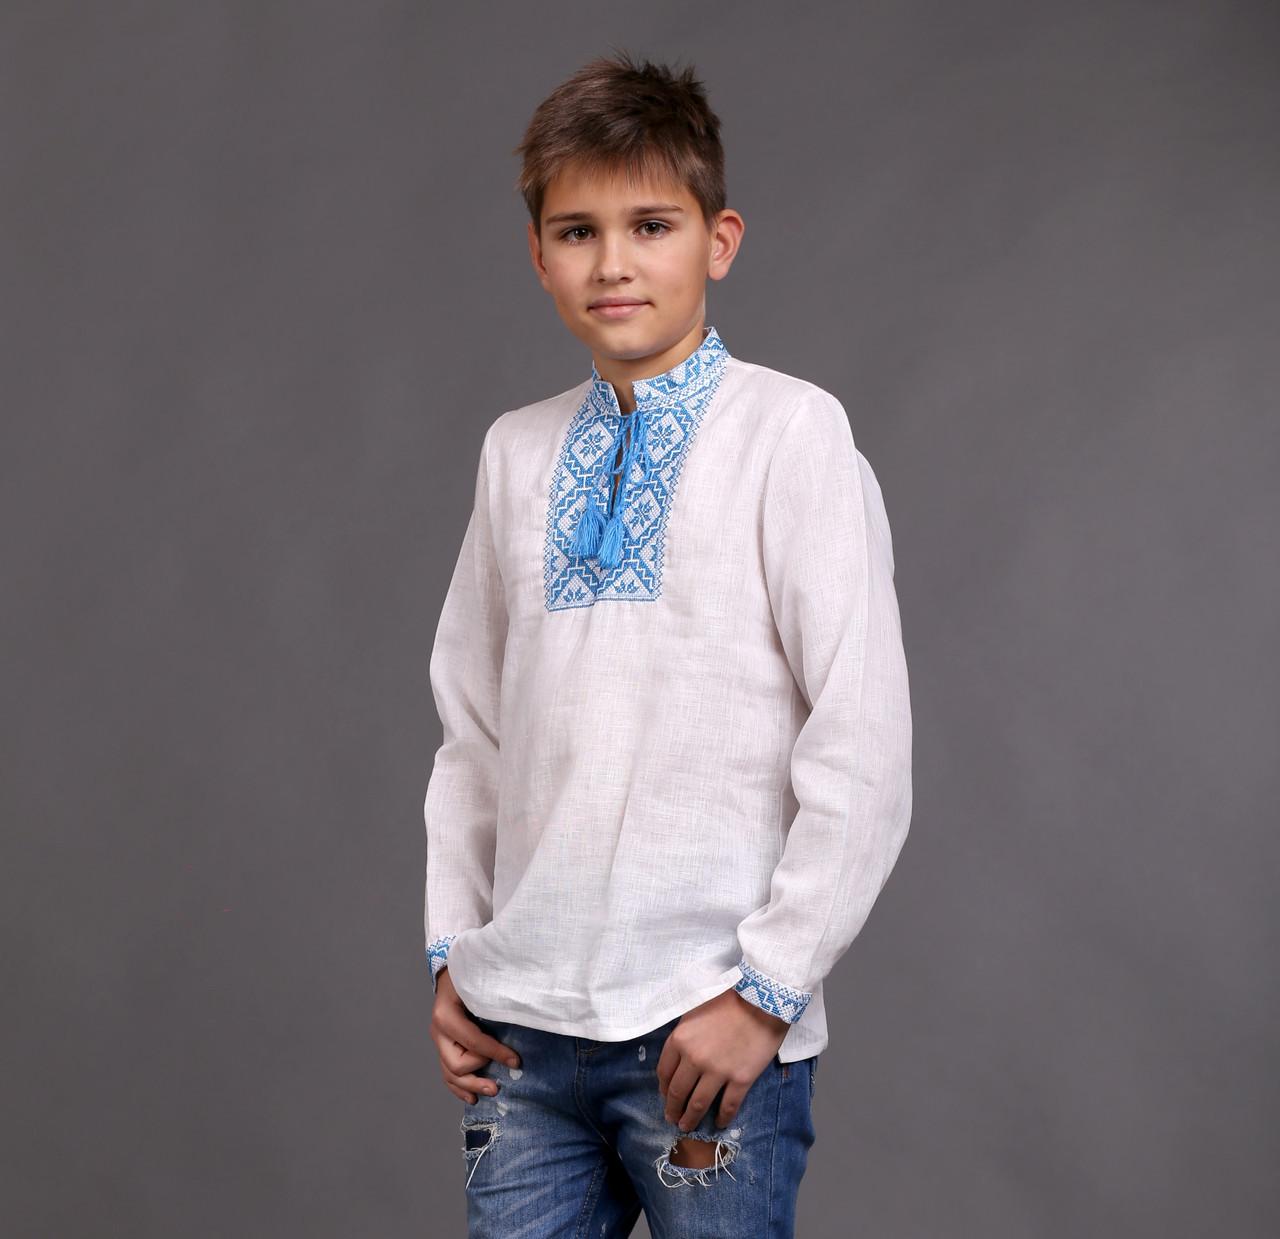 Вышиванка на мальчика с голубым орнаментом - фото 1